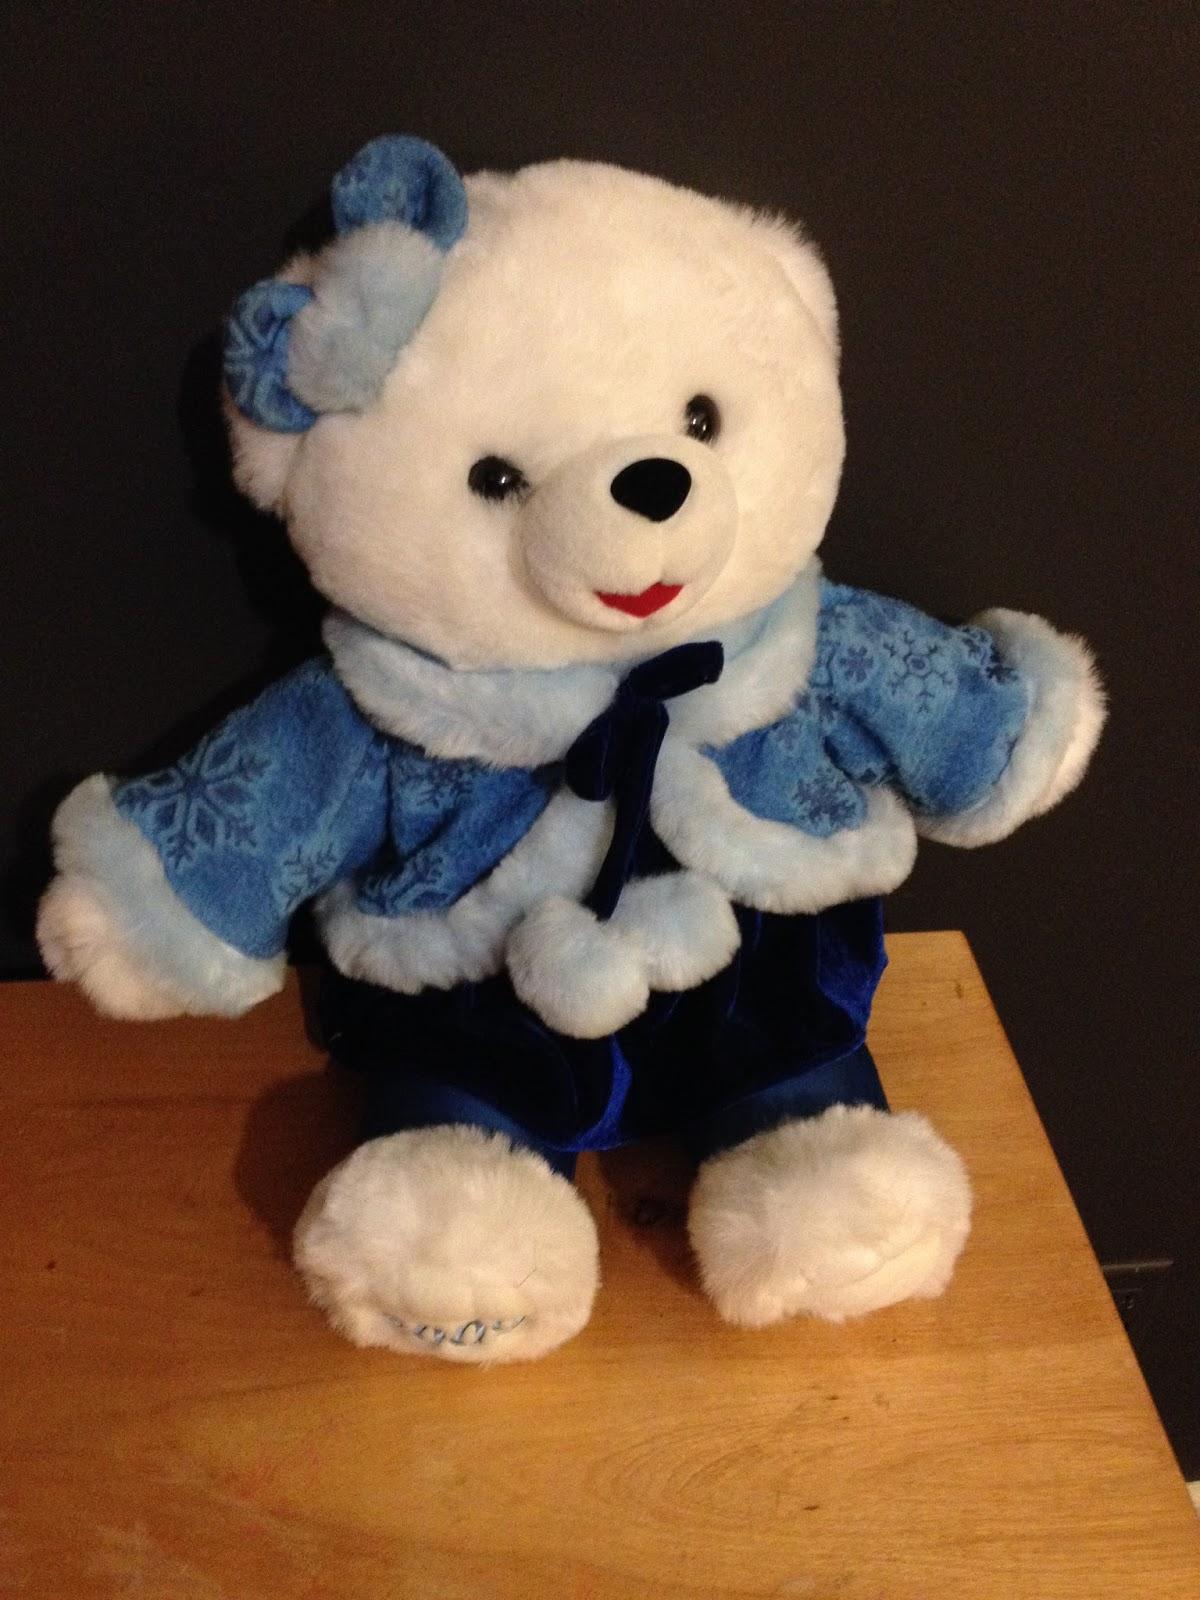 The Teddy Bear Shelter Missing Christmas Teddy Bear